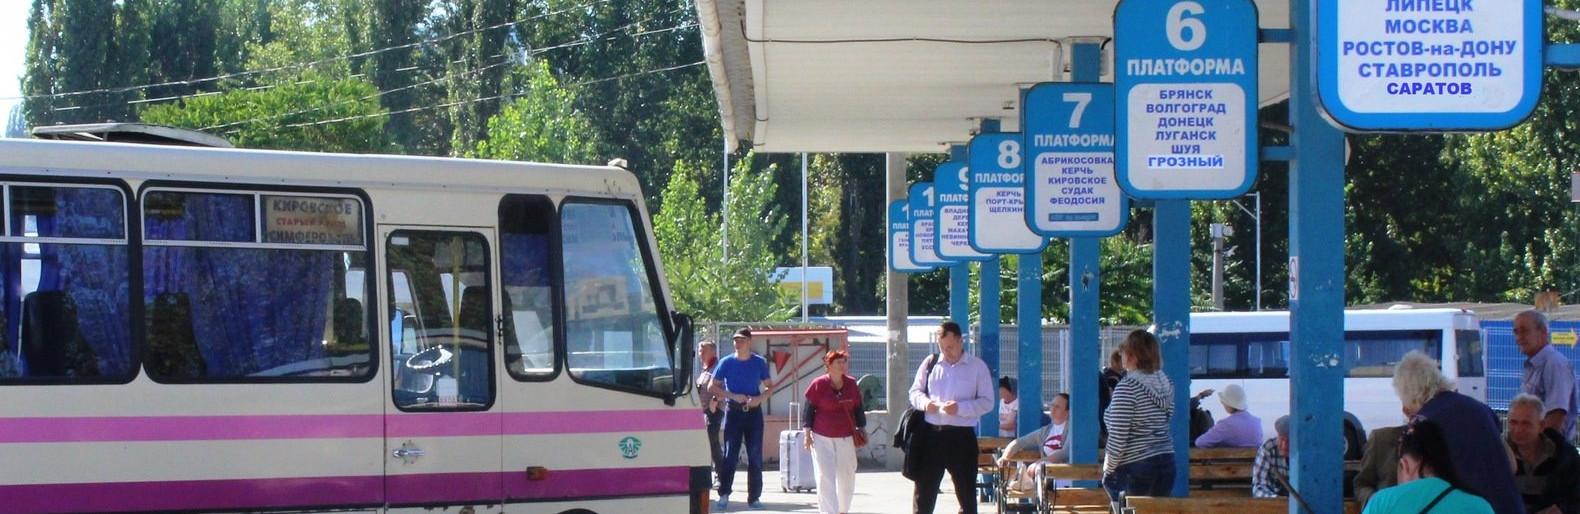 Из Симферополя запустят новый автобусный рейс до Саратова